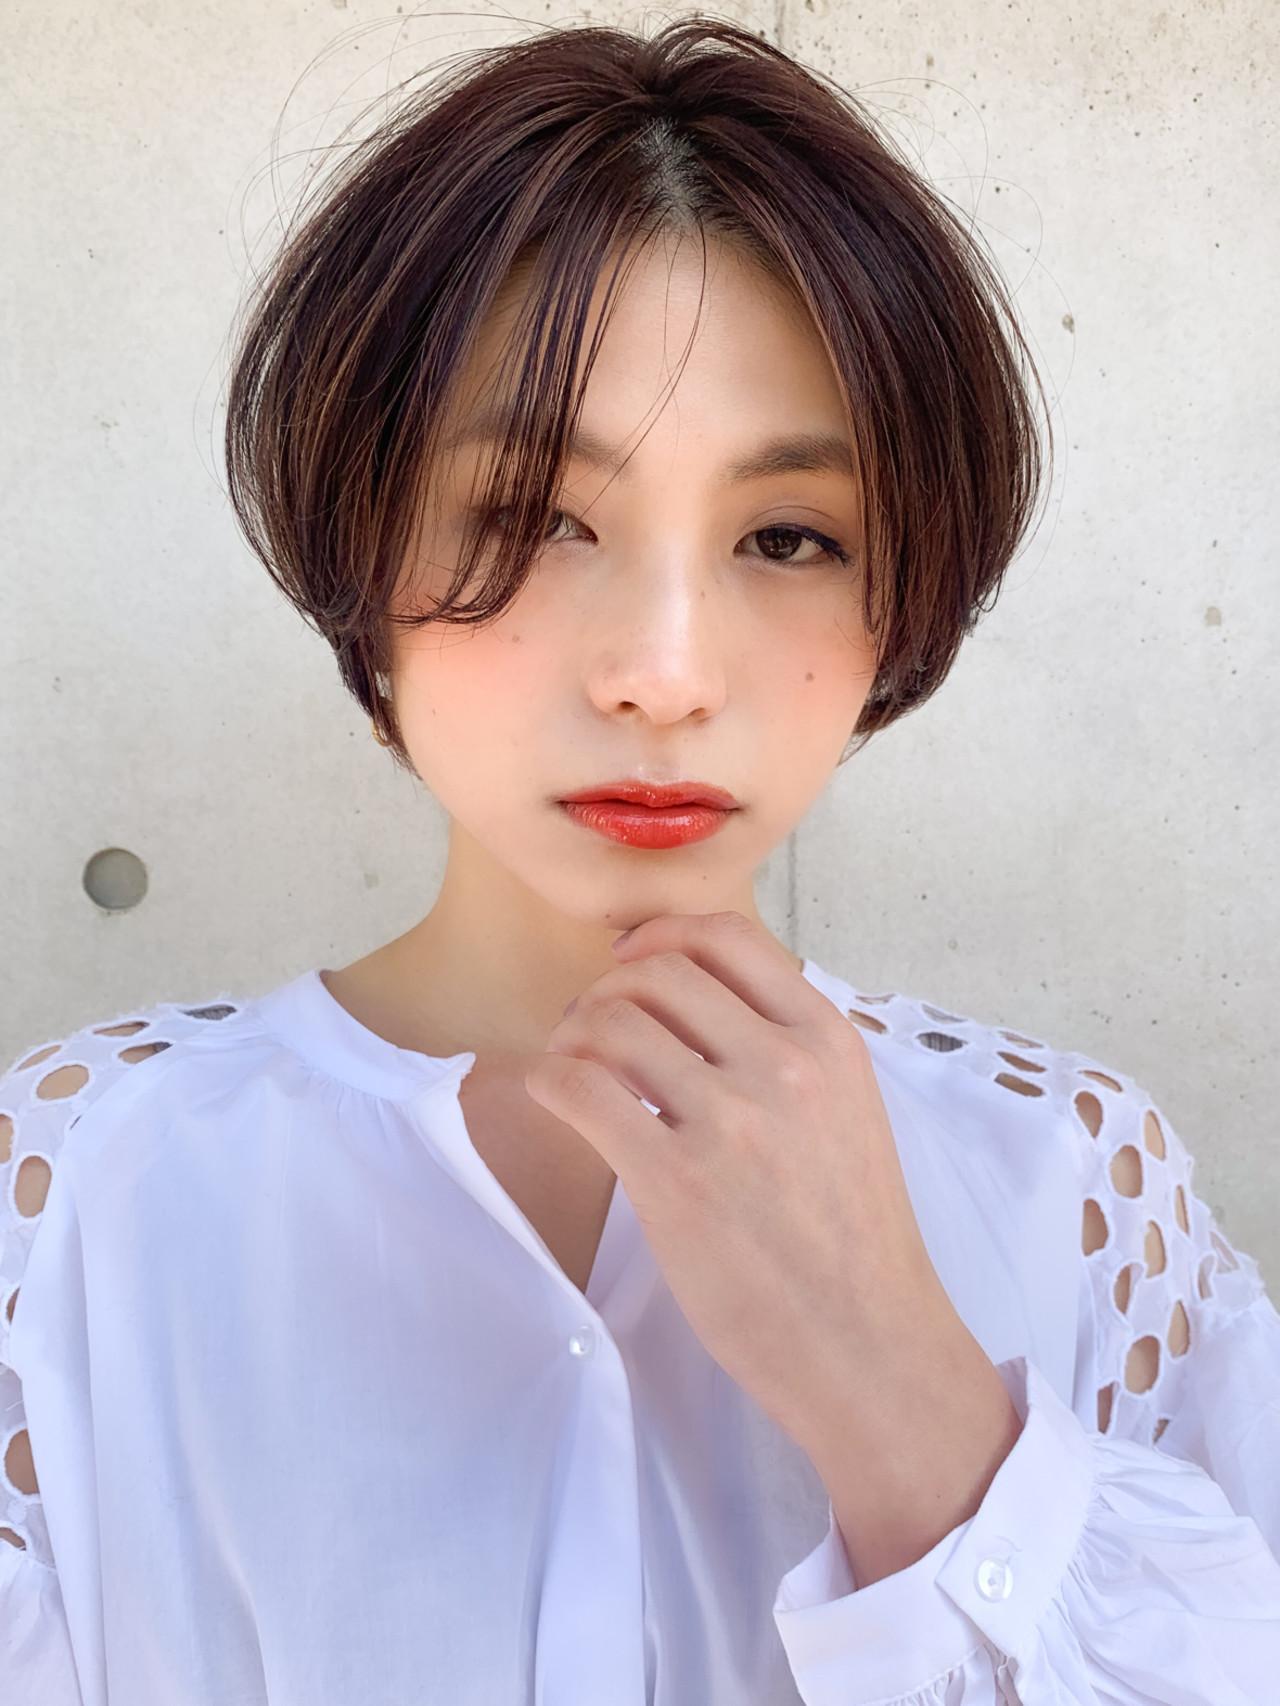 ふんわり前髪 ショートヘア ボブ ナチュラル ヘアスタイルや髪型の写真・画像